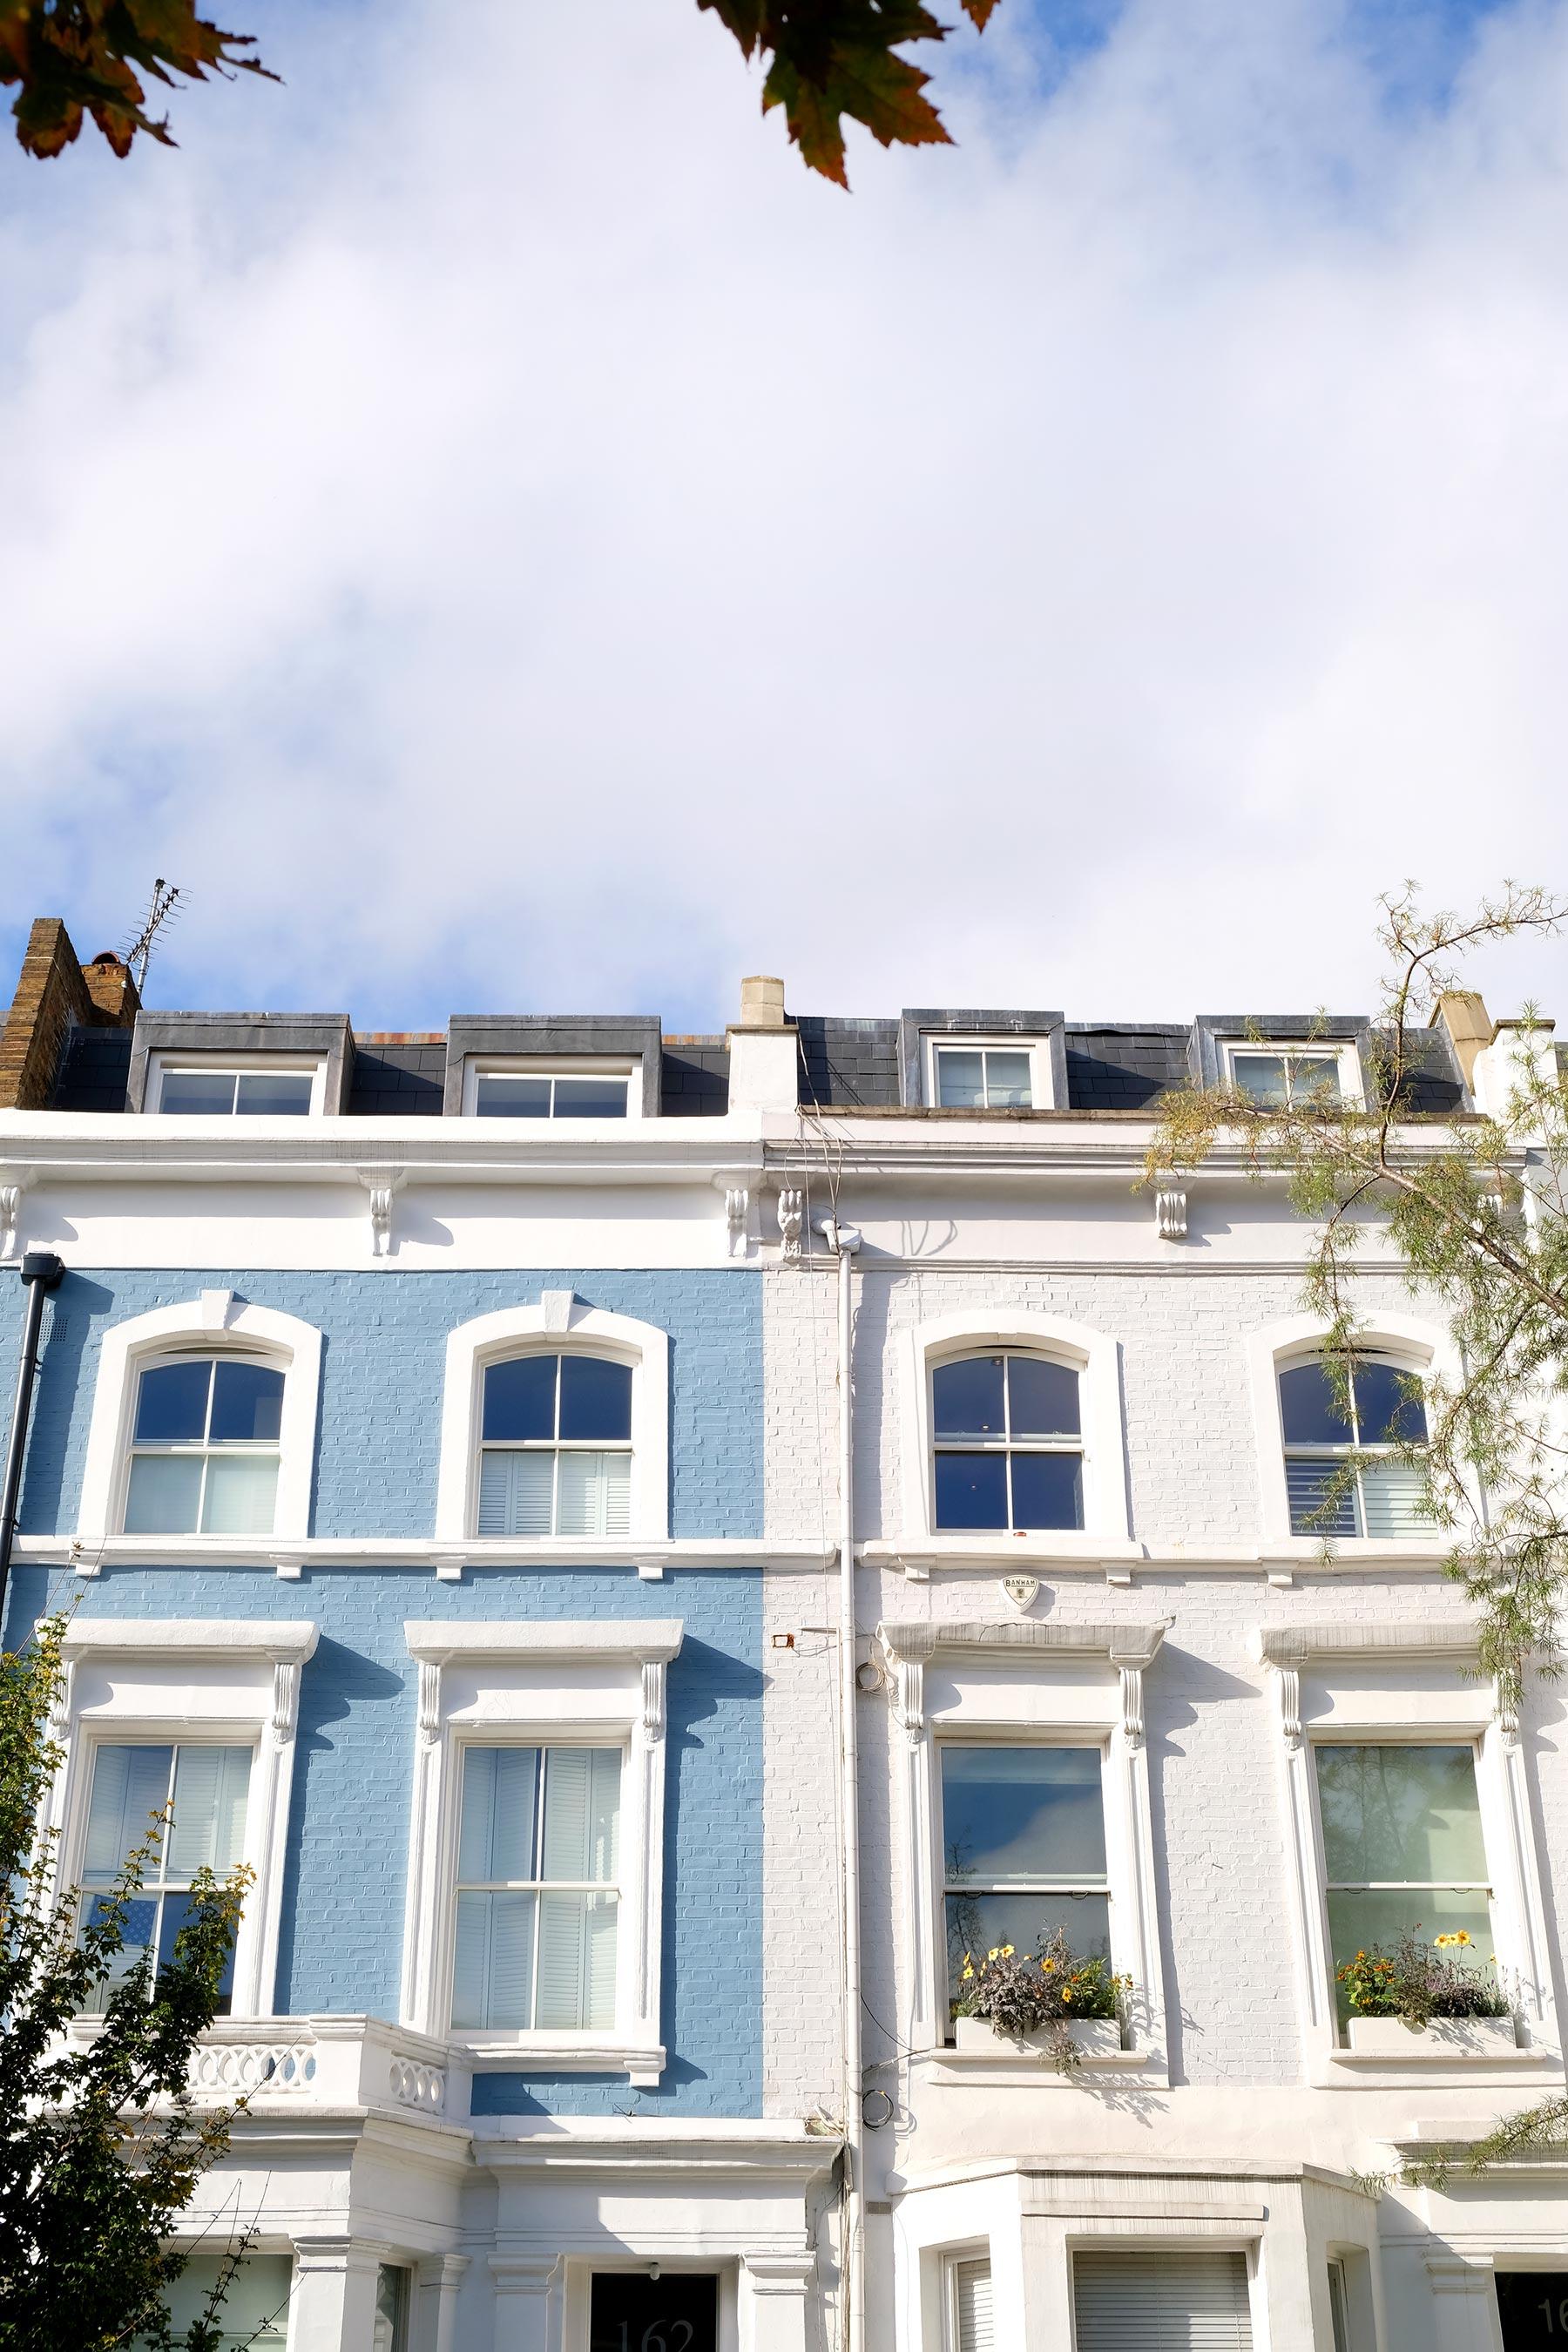 Notting hillet ses maisons colorées